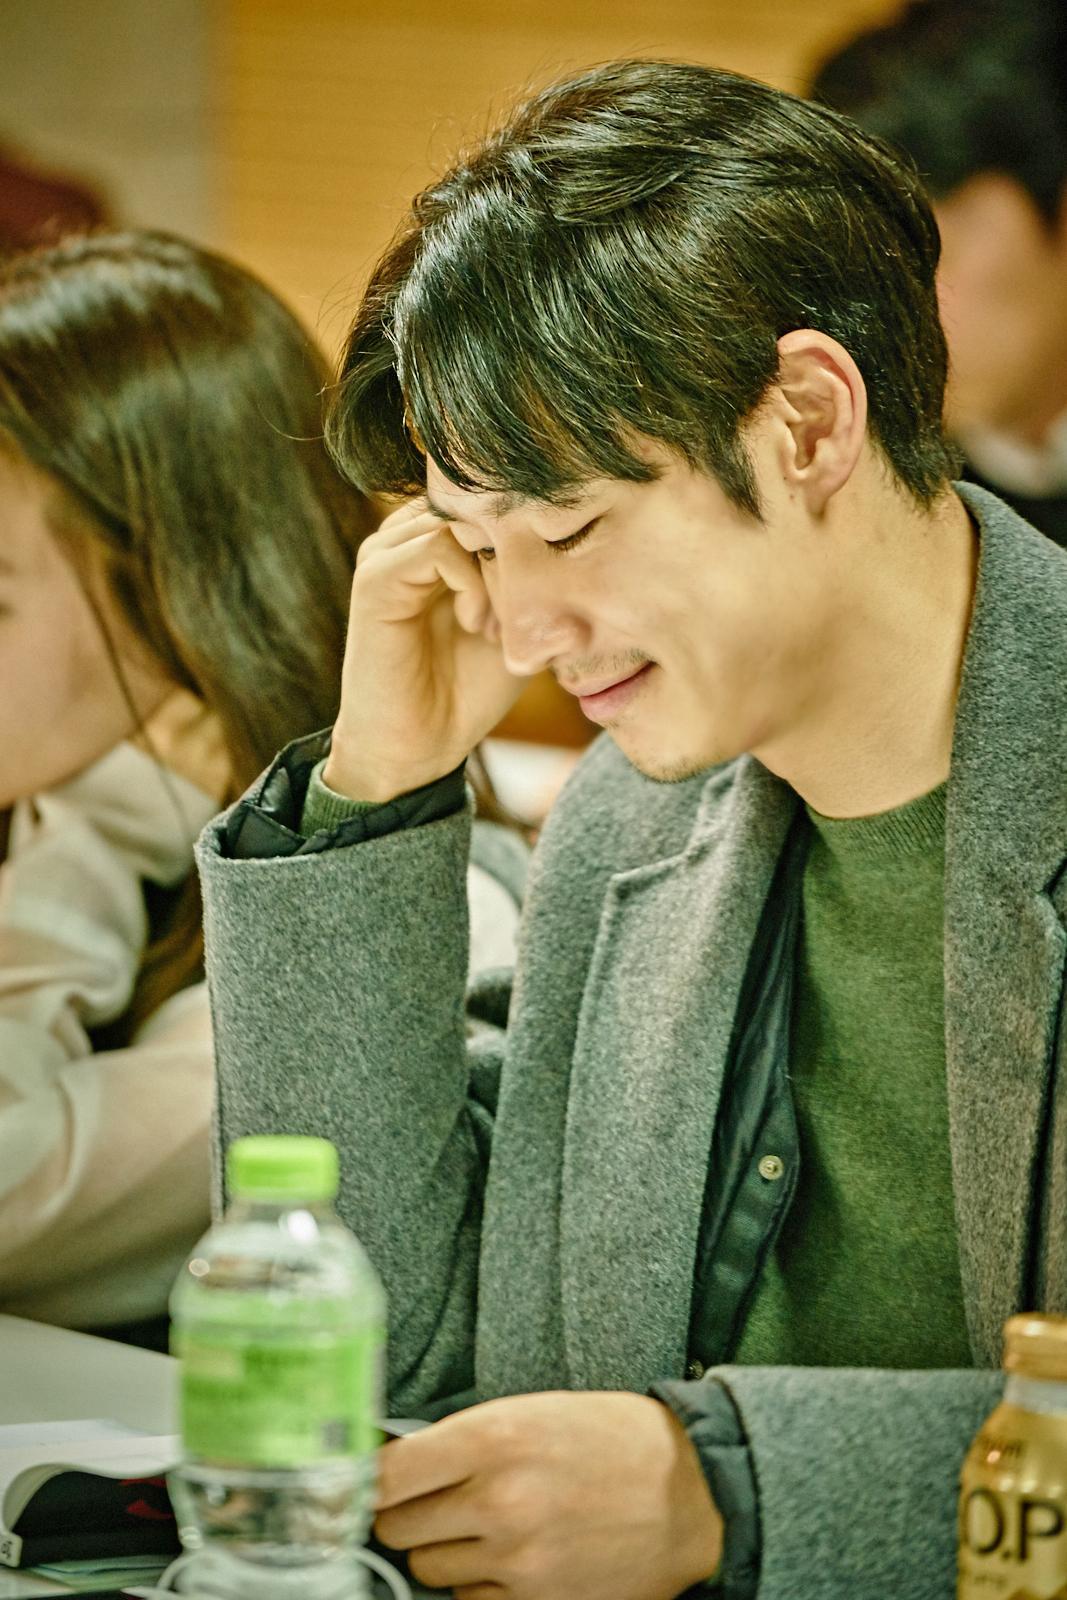 이준익 감독X이제훈영화  리딩 현장최.초.공.개!!!